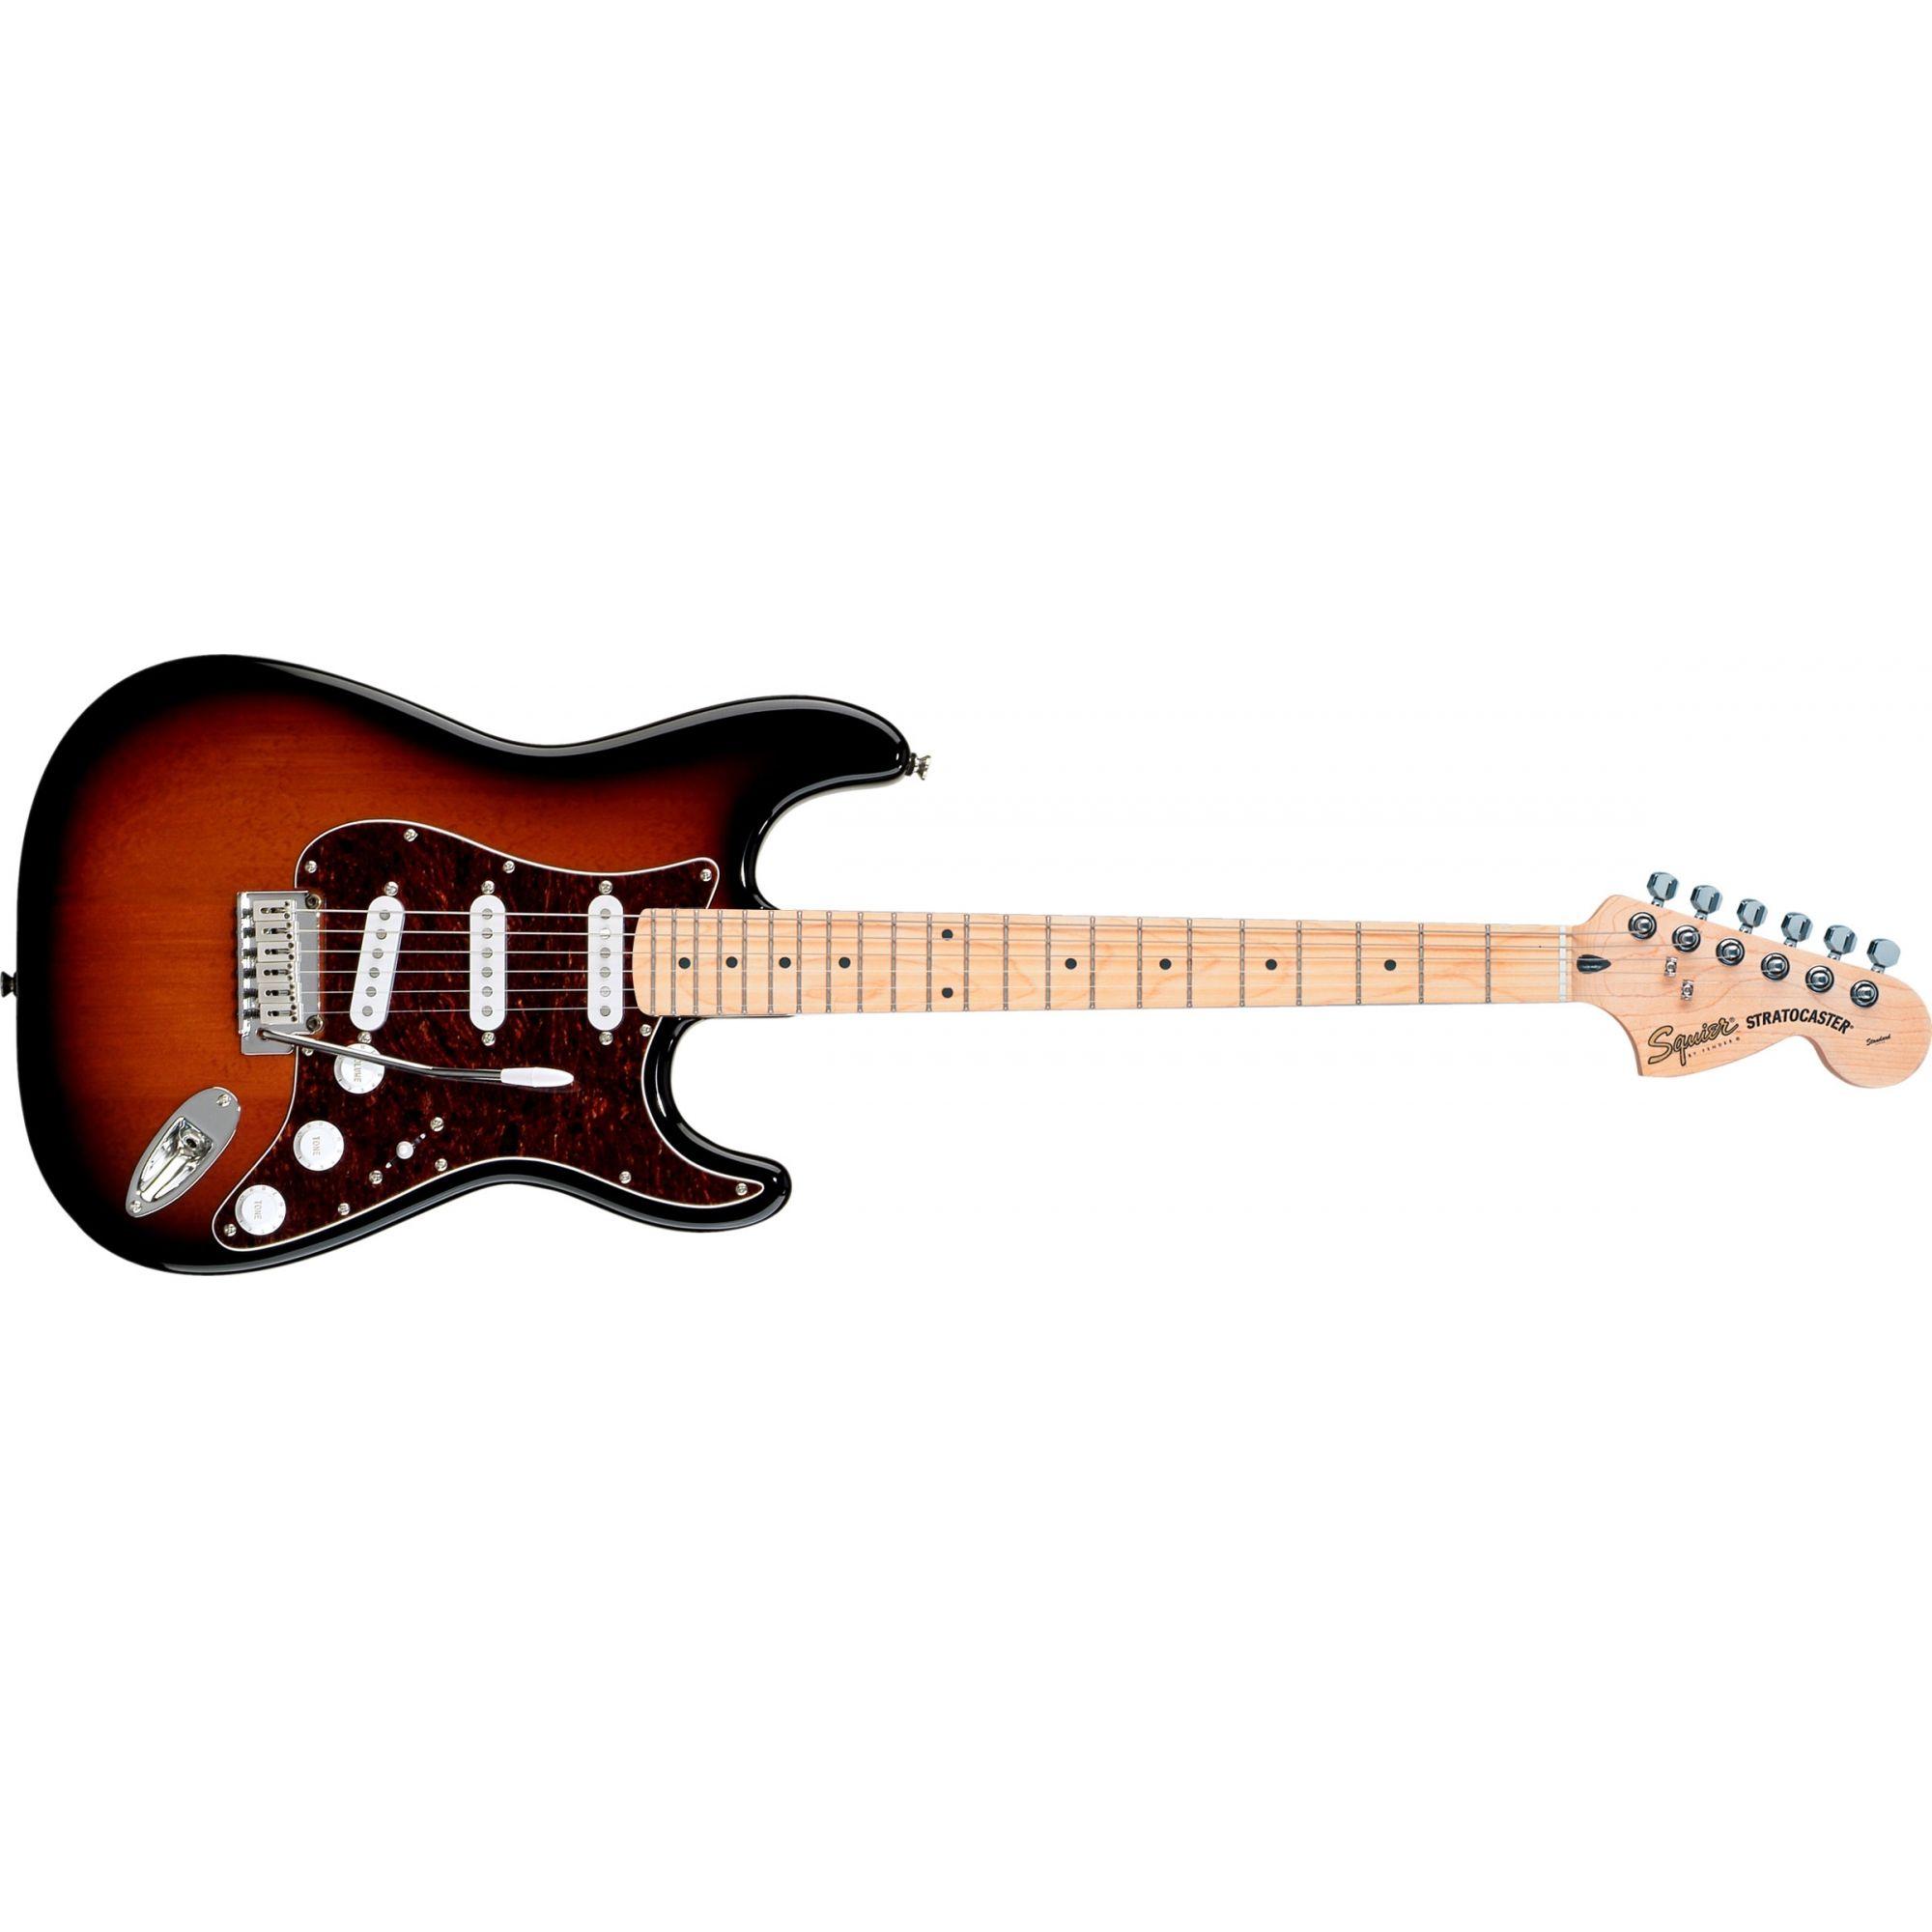 Guitarra Fender Squier Strato 537 Antique Burst